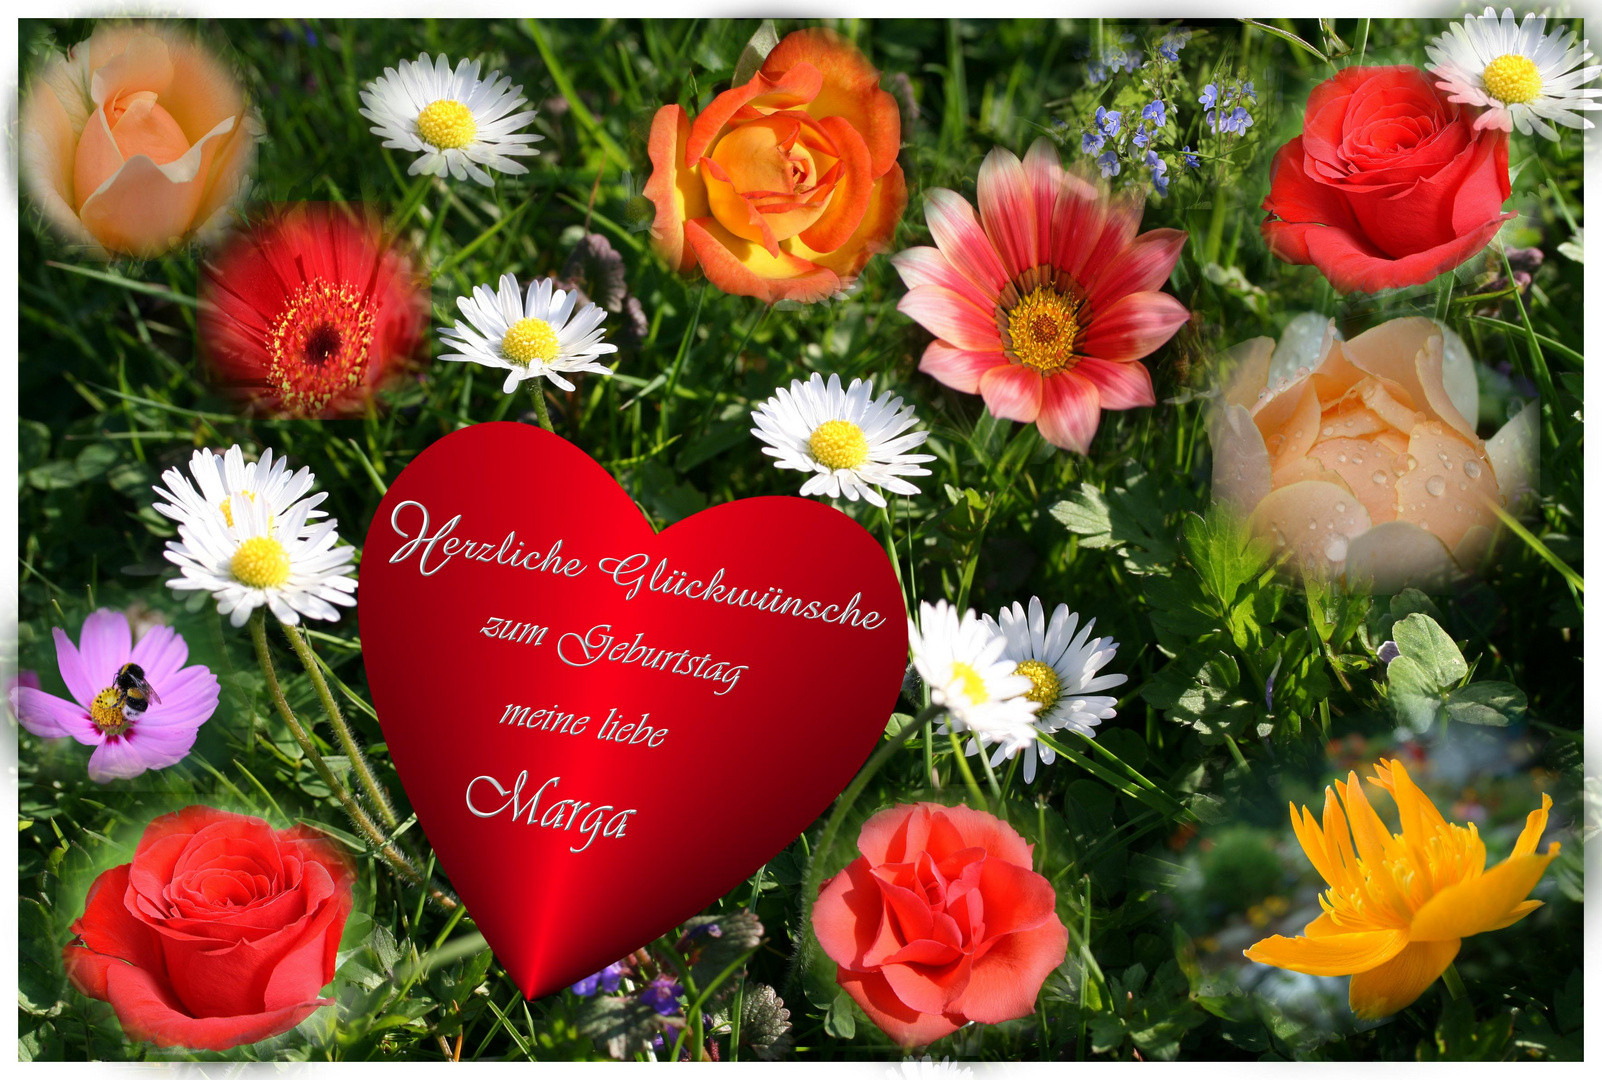 Geburtstagswünsche Englisch Bilder  Liebste Geburtstagswünsche Foto & Bild